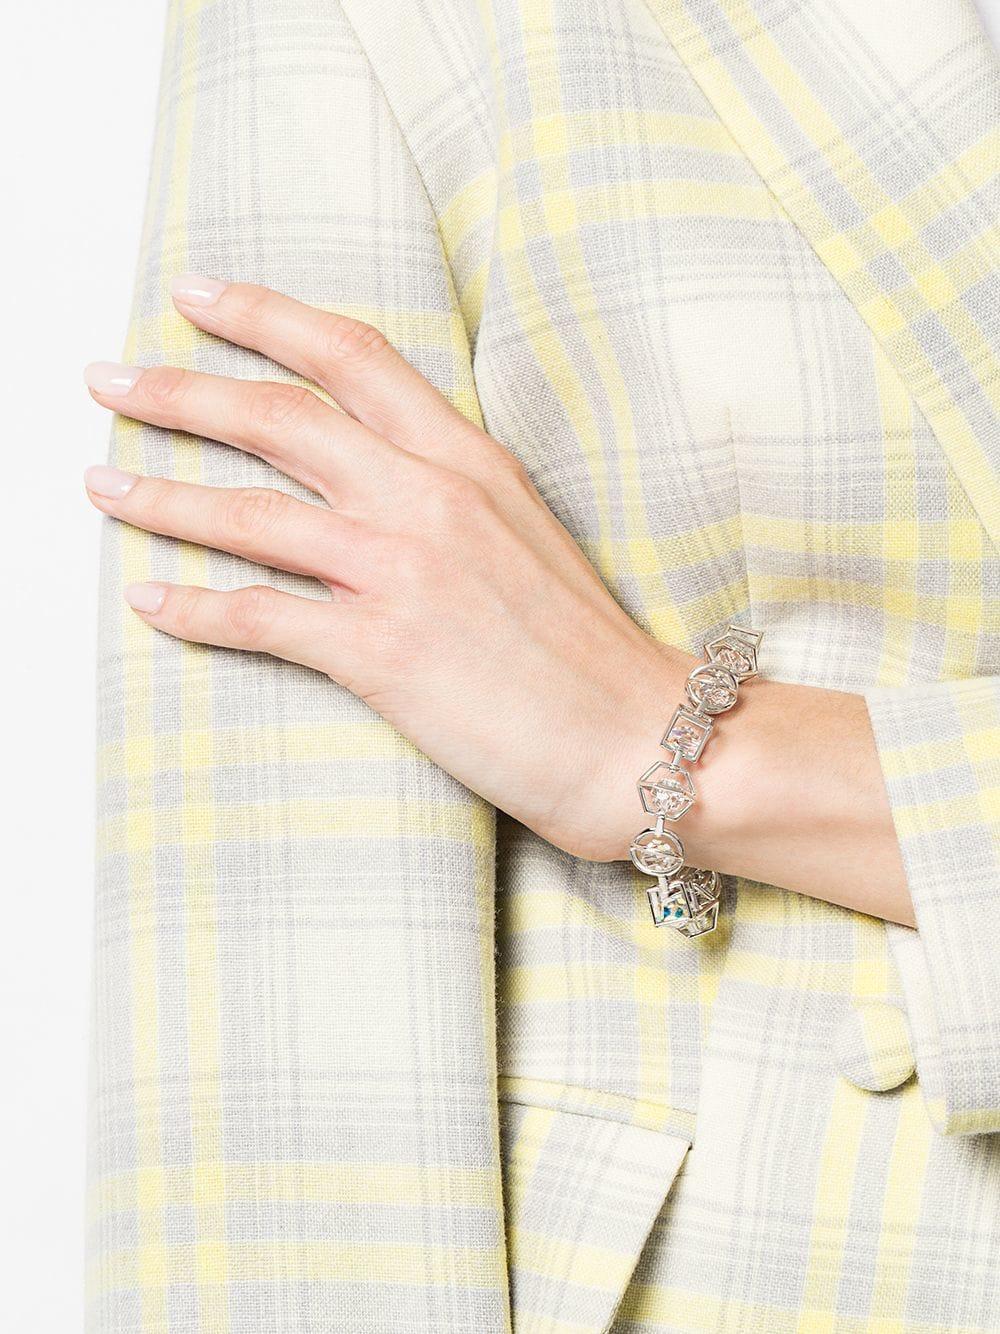 80665c2ad308e Lyst - Atelier Swarovski Nostalgia Bracelet By Mary Katrantzou in Metallic